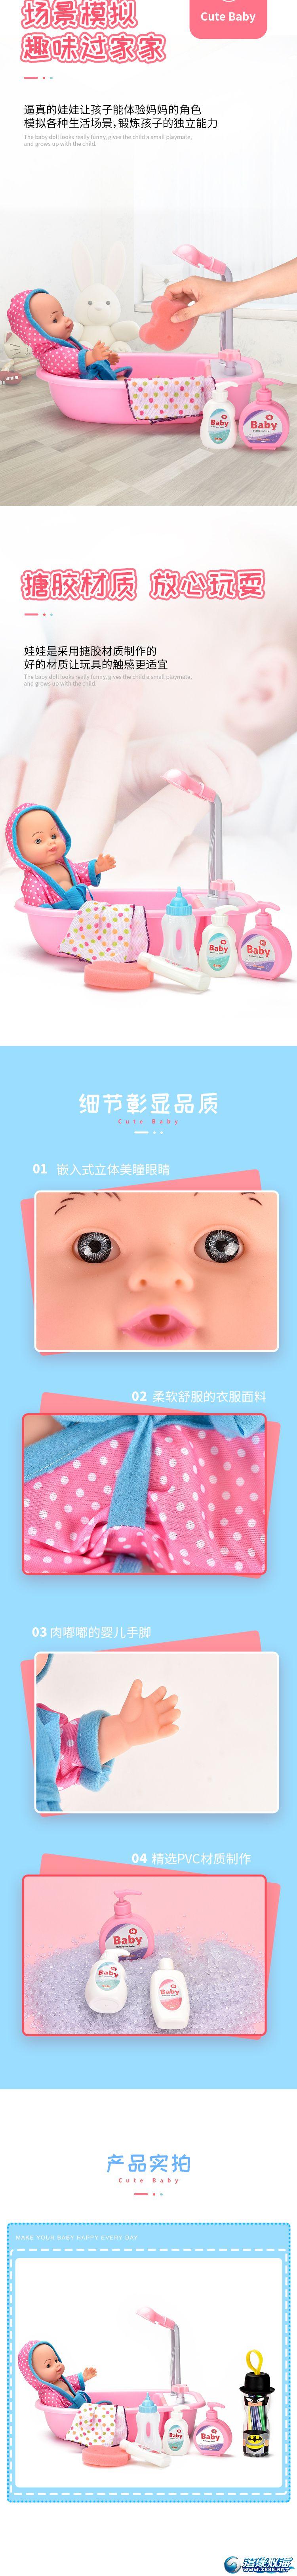 盛达玩具厂-(0912SW-2)-婴儿浴室套装-中文详情页_03.jpg